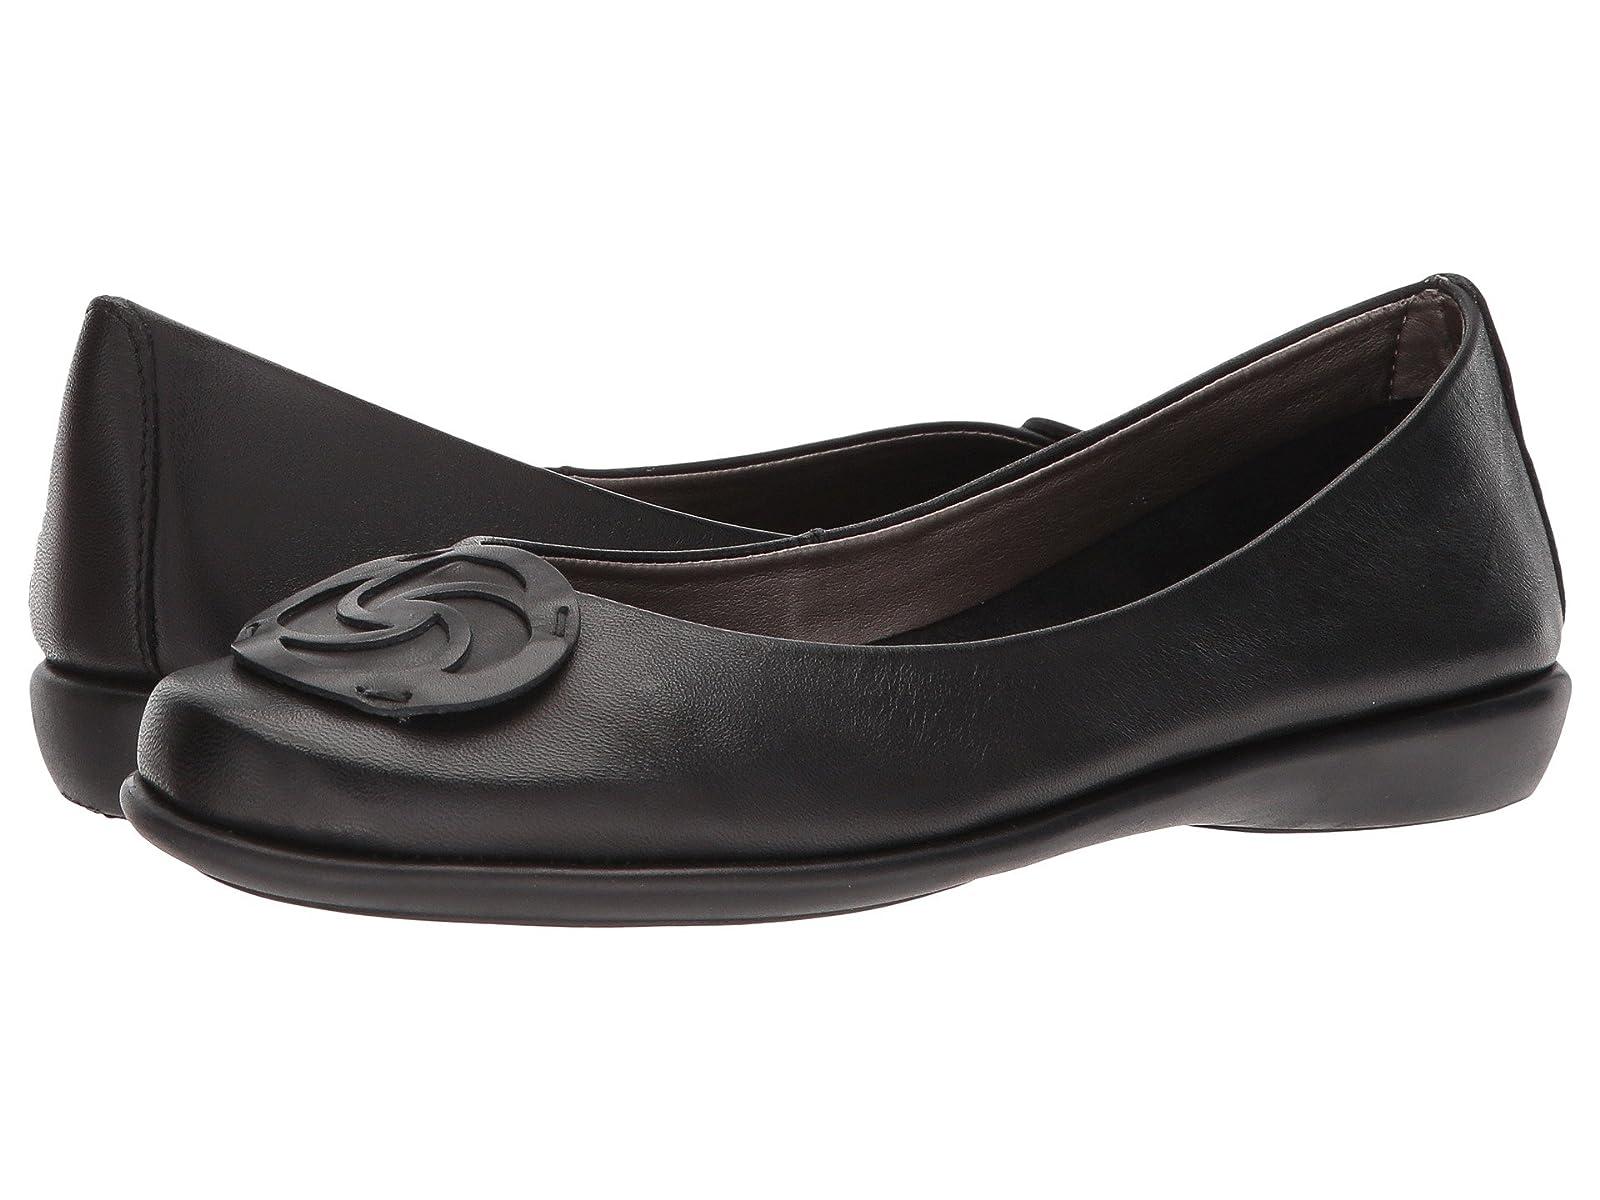 The FLEXX Bon Bon PlushAtmospheric grades have affordable shoes